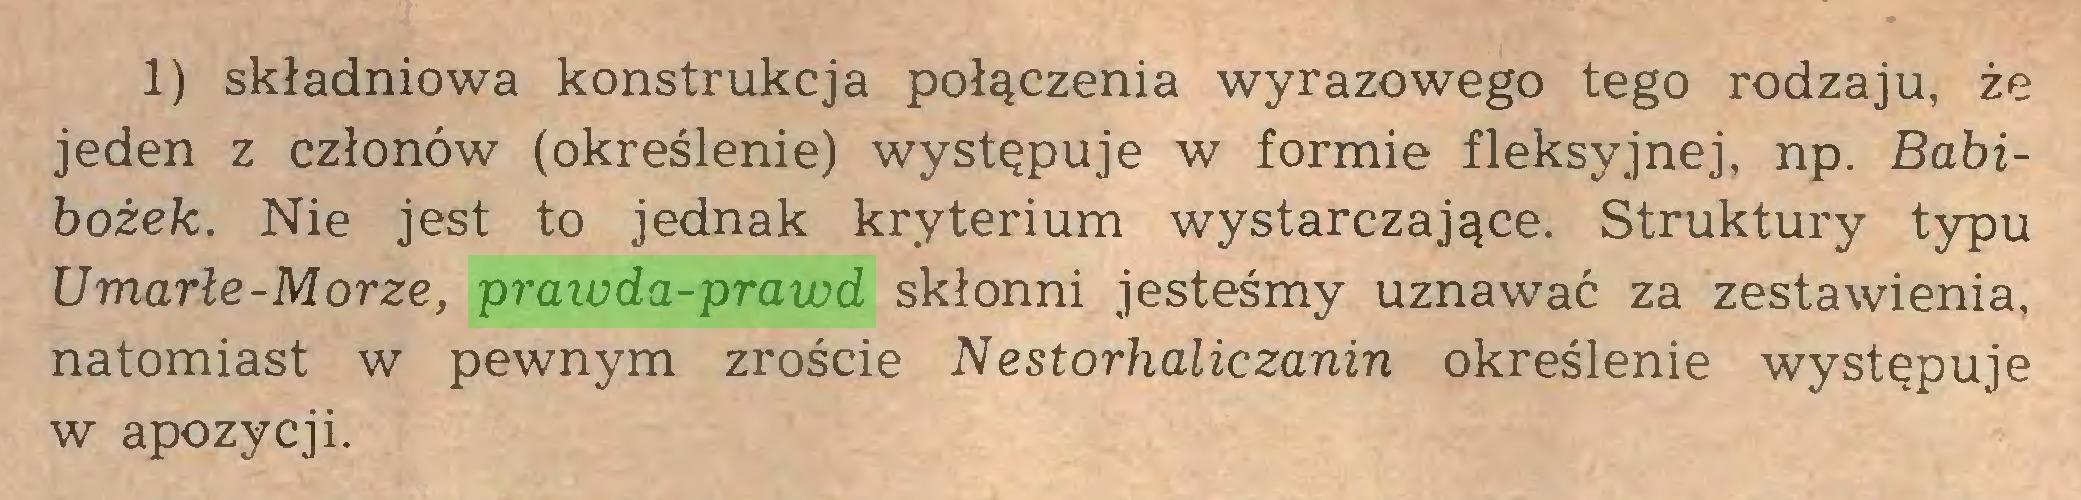 (...) 1) składniowa konstrukcja połączenia wyrazowego tego rodzaju, że jeden z członów (określenie) występuje w formie fleksyjnej, np. Babibożek. Nie jest to jednak kryterium wystarczające. Struktury typu Umarłe-Morze, prawda-prawd skłonni jesteśmy uznawać za zestawienia, natomiast w pewnym zroście Nestorhaliczanin określenie występuje w apozycji...